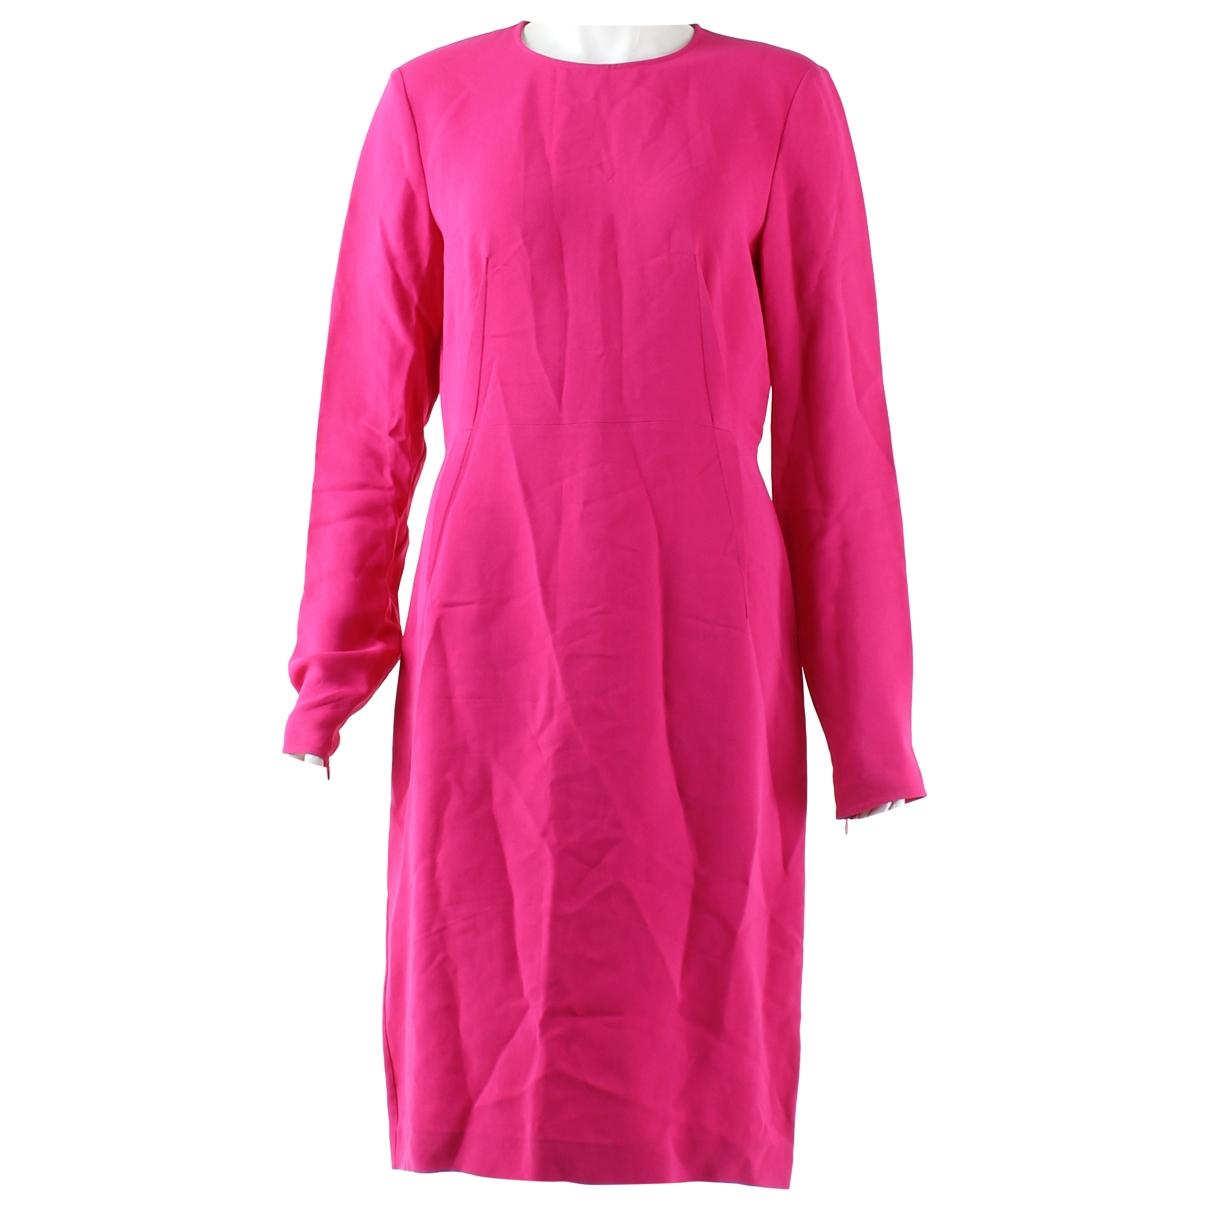 Stella Mccartney \N Pink dress for Women 44 IT